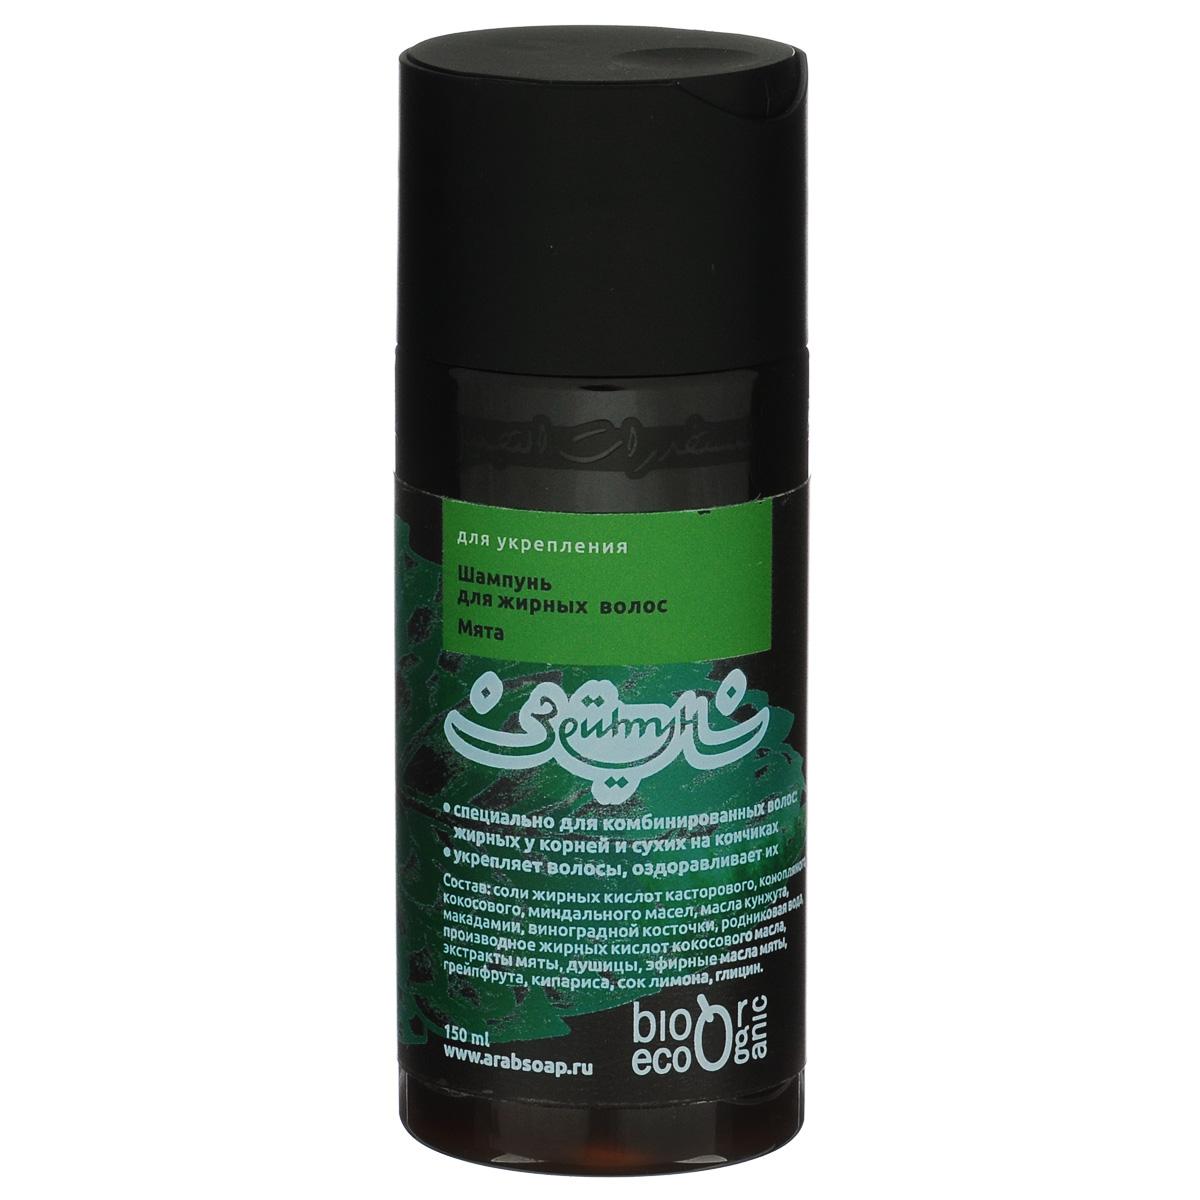 Зейтун Шампунь Мята для укрепления жирных волос, 150 млZ0103Согласно древнегреческому преданию, мята - это заколдованная наяда Минта, которая покровительствовала ручейкам и родникам. Там, где жила Минта, мир всегда был свеж и чист. Шампунь Зейтун Мята разработан специально для того, чтобы ваша причёска долго хранила свою свежесть и чистоту. Остальные компоненты закрепляют эффект: • восстанавливается нормальная работа сальных желез на коже головы, • волосы перестают быстро засаливаться и остаются чистыми после мытья более продолжительное время, • мята улучшает кровообращение в капиллярах головы, а, значит, усиливает питание волоса по всей его длине, начиная от волосяных луковиц, • выравнивается структура волоса, укрепляются корни. Шампунь Зейтун Мята рекомендуется для укрепления жирных волос и комбинированных волос (жирных у корней, сухих на кончиках).